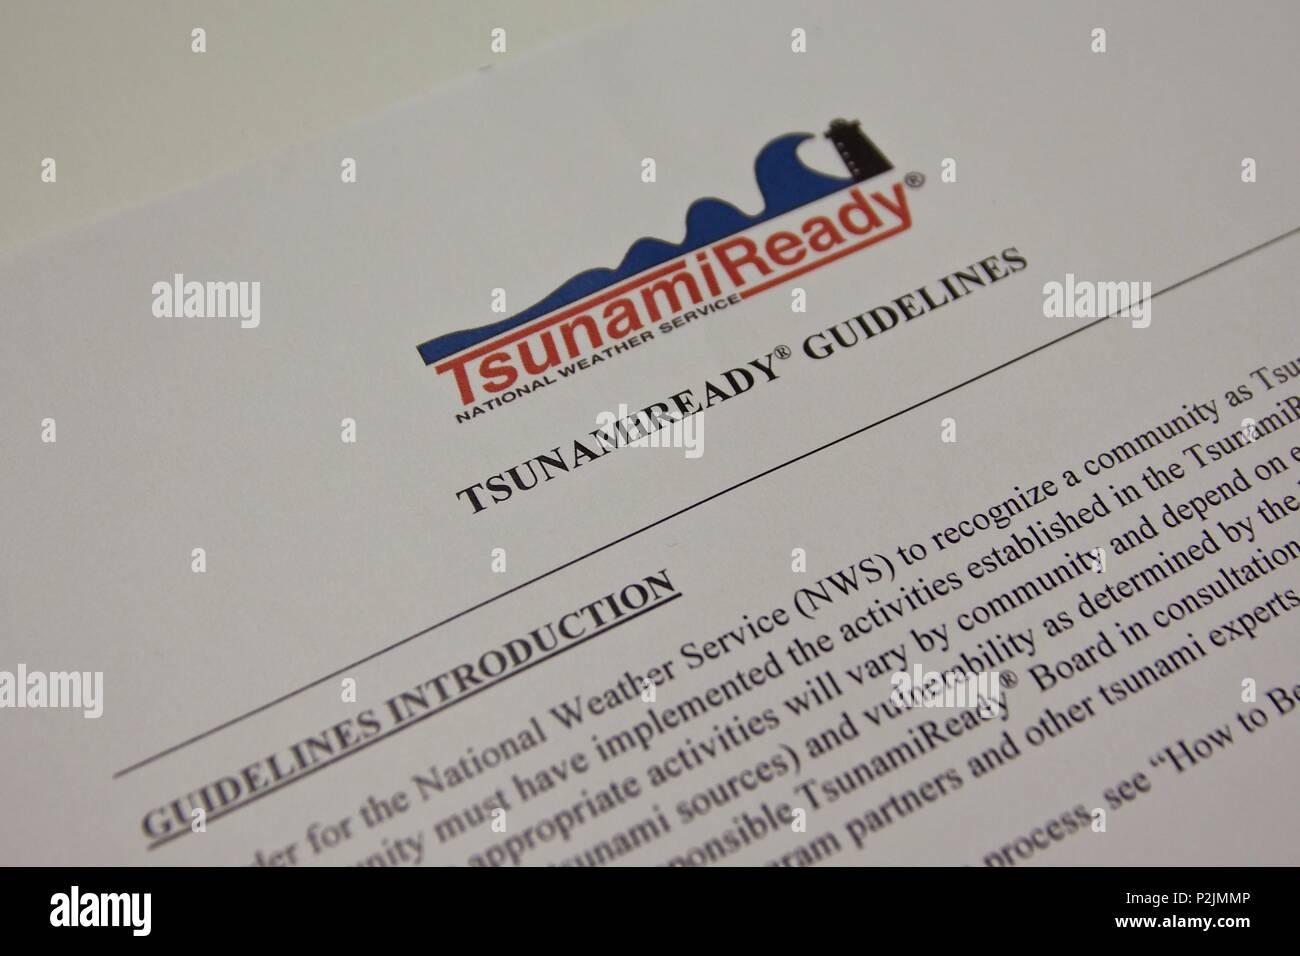 TsunamiReady directrices emitidas por el Servicio Nacional de Meteorología, para incentivar y reconocer la comunidad preparación del tsunami Imagen De Stock